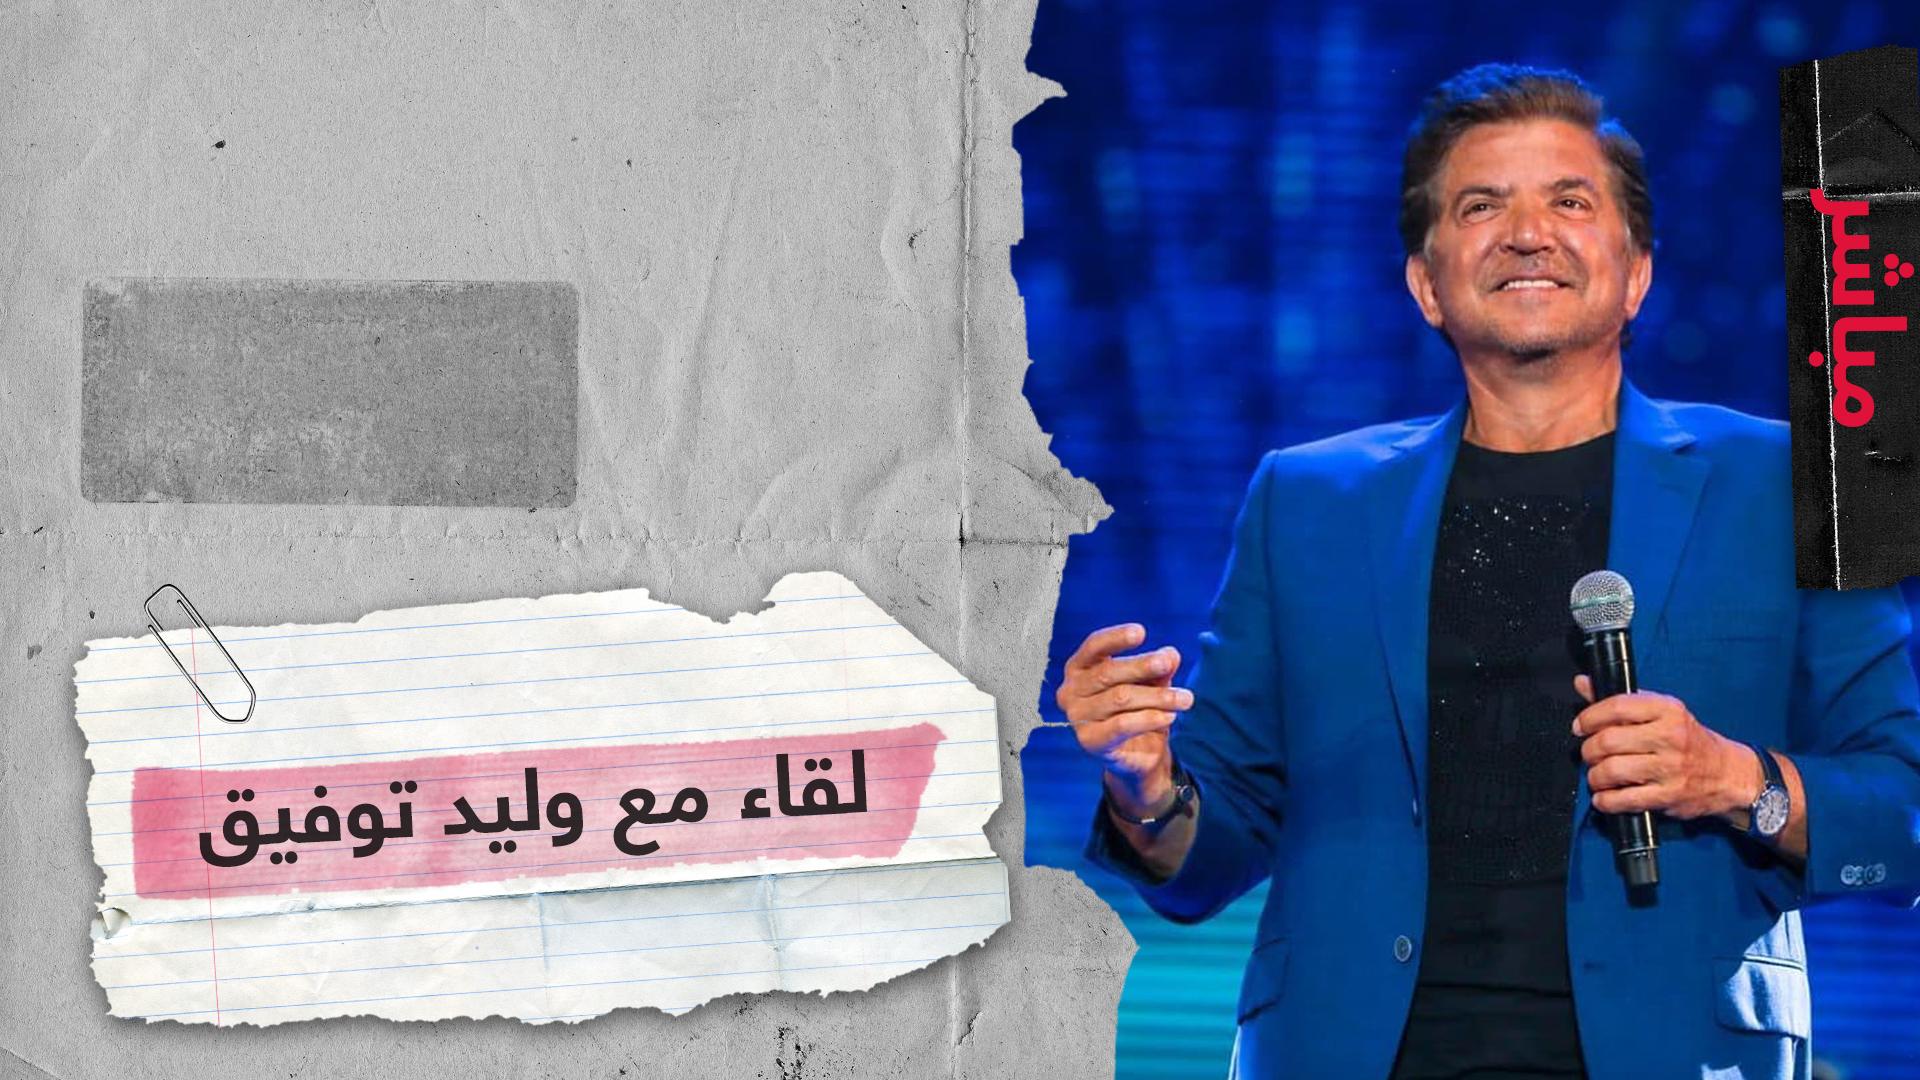 لقاء خاص مع المطرب اللبناني الشهير وليد توفيق